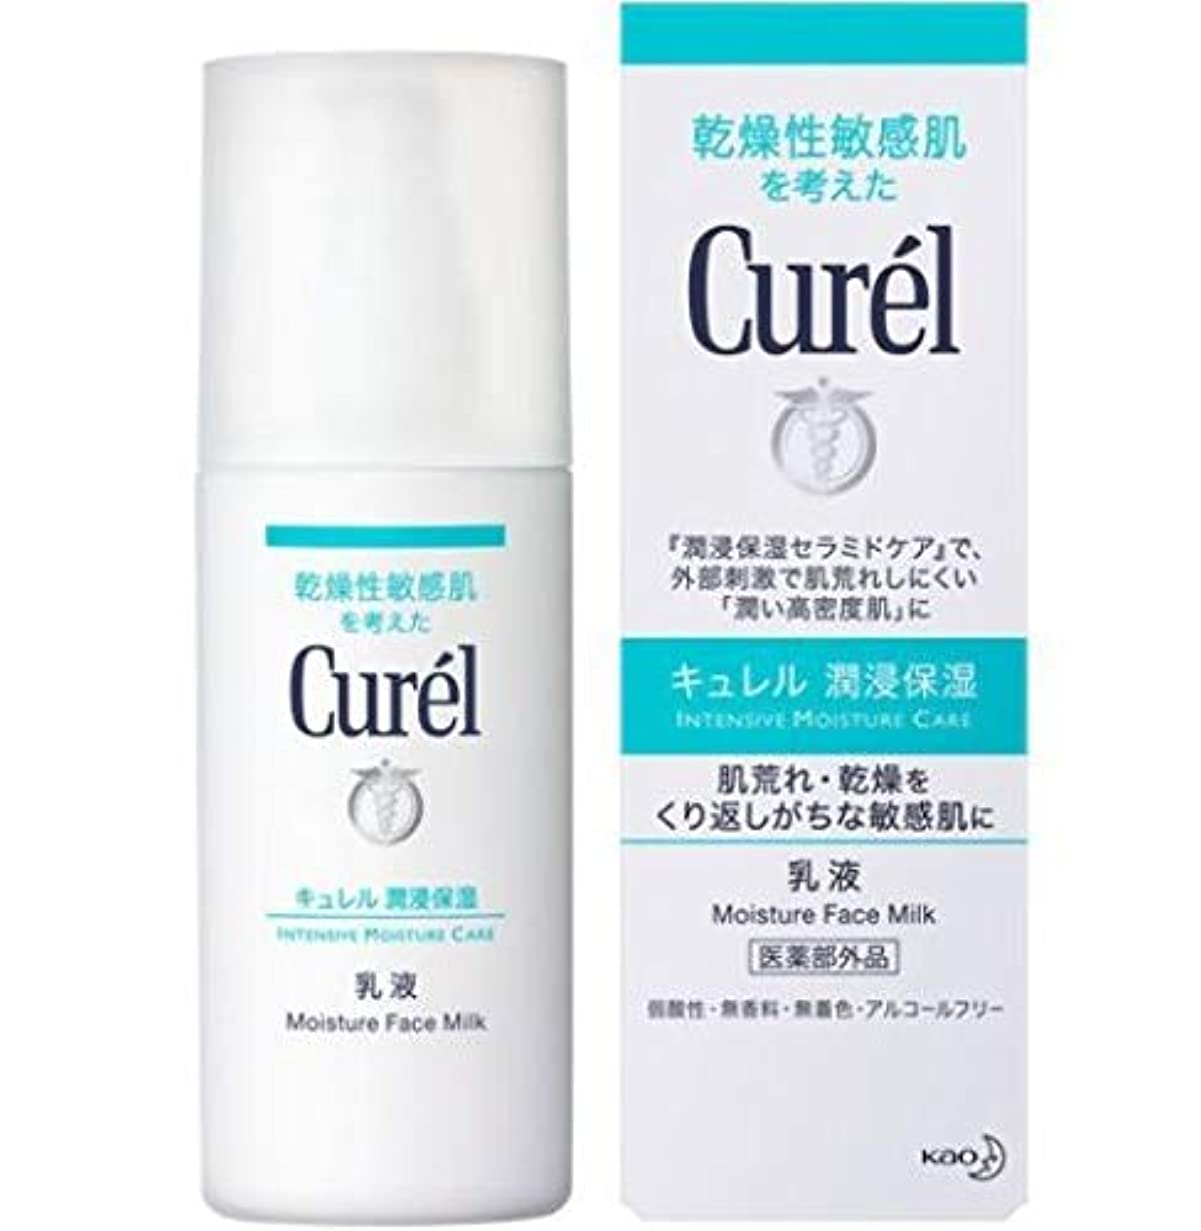 スポーツをする反抗人差し指Curél キュレルの保湿集中治療保湿フェイスミルクは120ミリリットルは、お肌の自然なバリア機能を向上させ落ち着かせると乾燥から肌を保護するために-helps